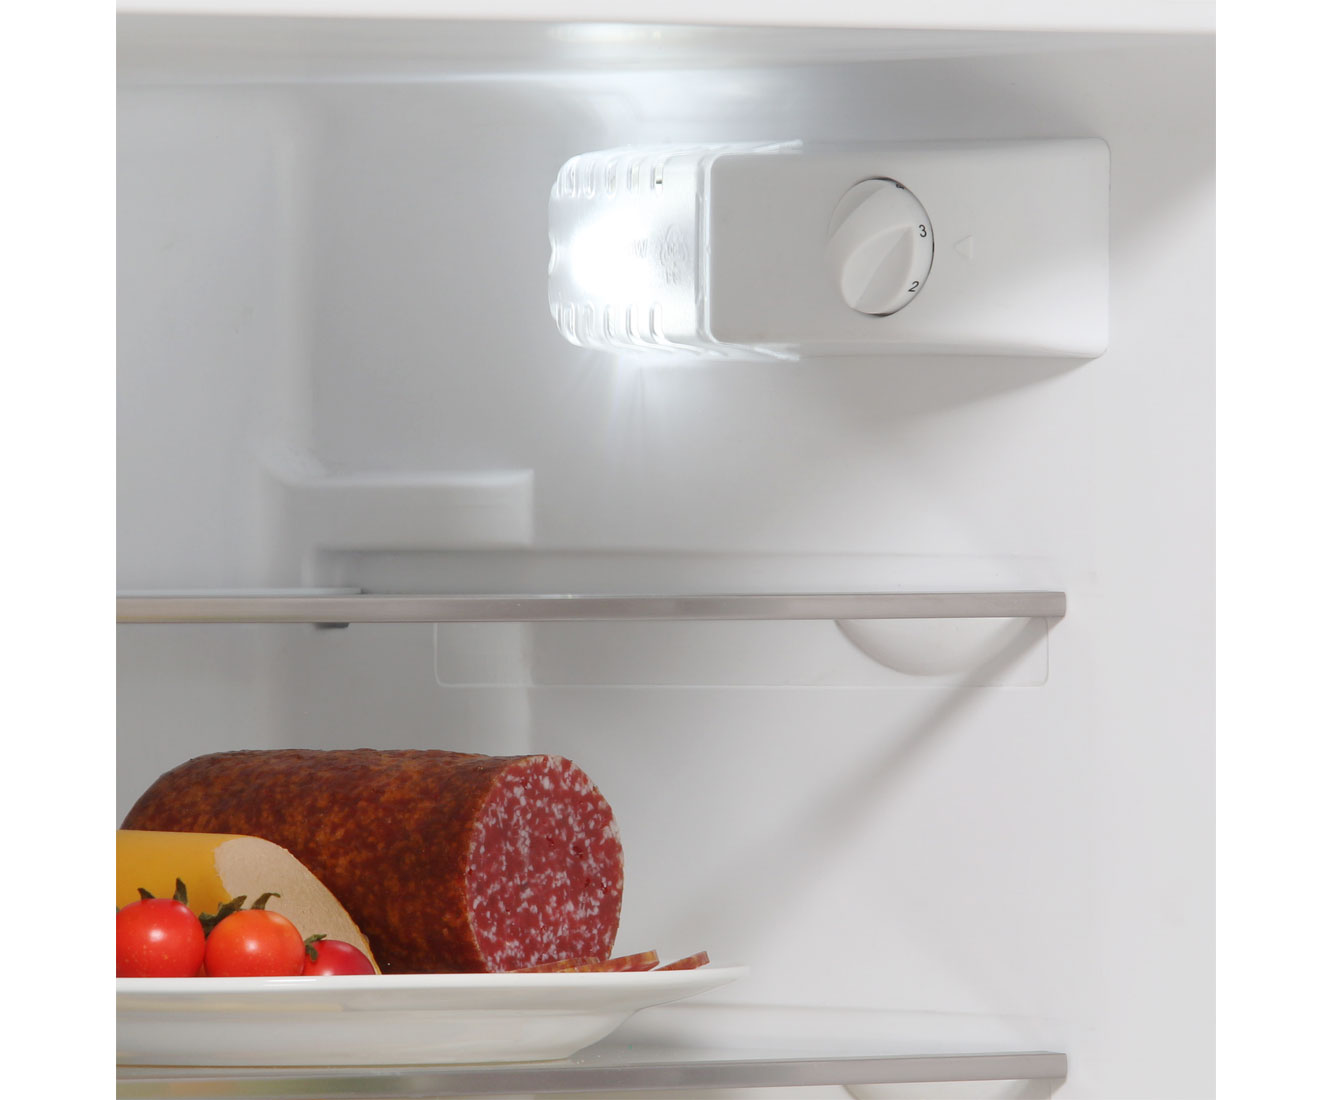 Amica Kühlschrank Probleme : Amica evks einbau kühlschrank er nische schlepptür